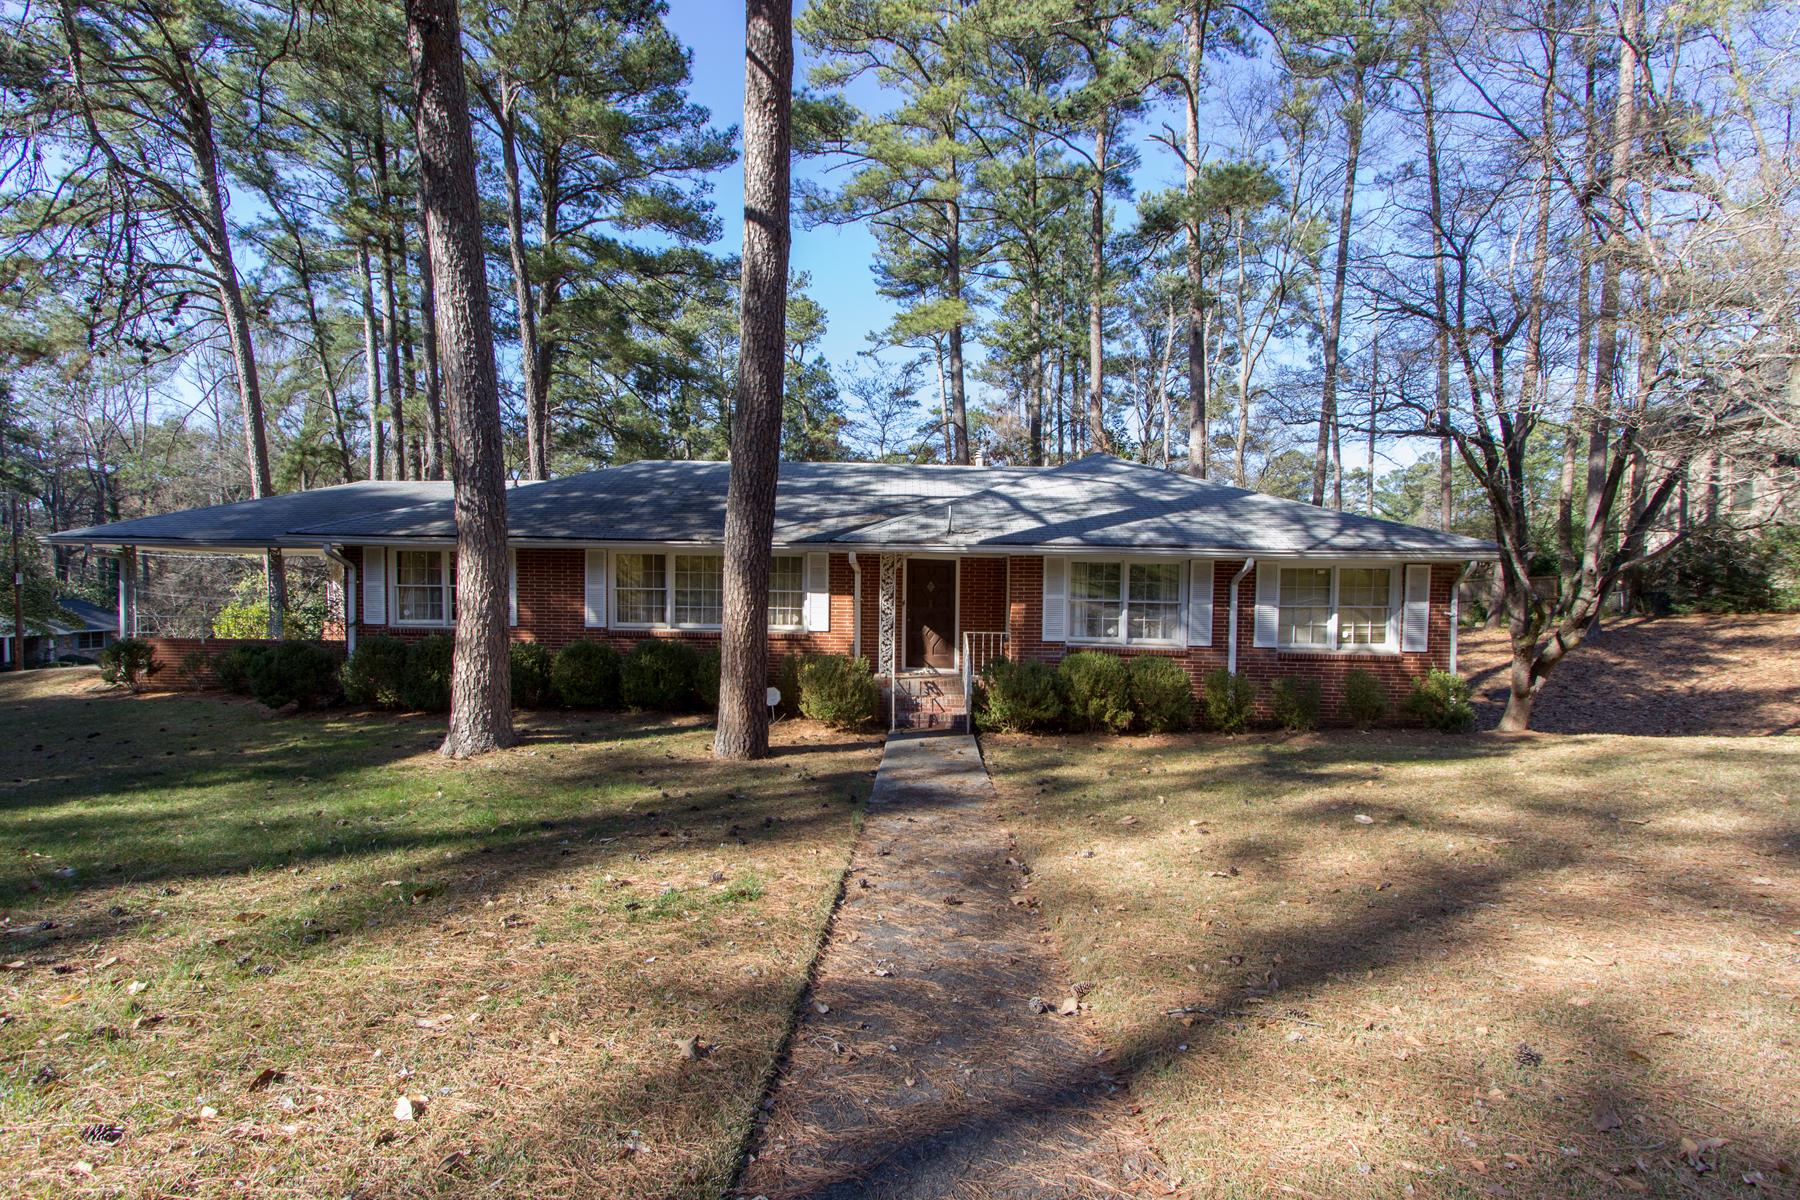 Casa para uma família para Venda às All Brick Home In Amazing Location 1412 Dalewood Drive NE Atlanta, Geórgia, 30329 Estados Unidos